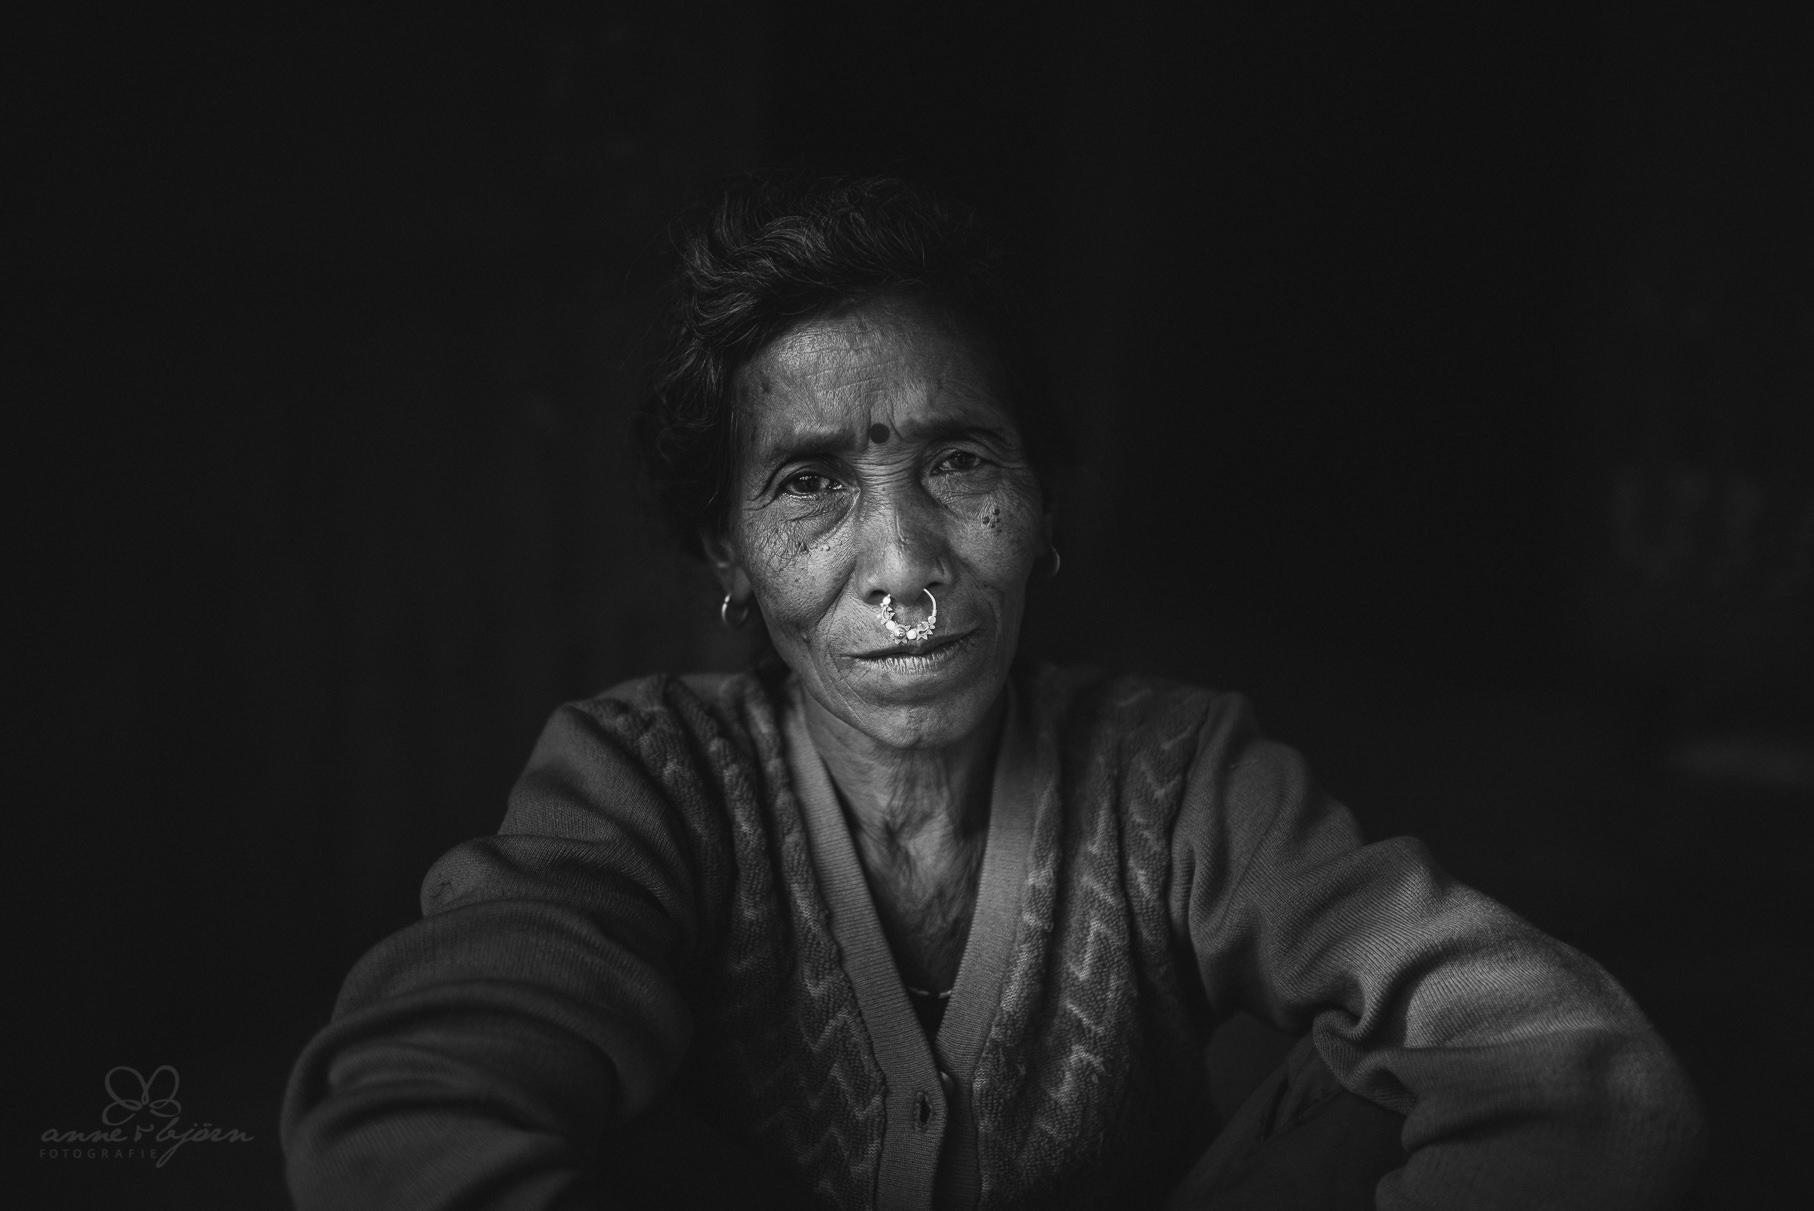 0050 anne und bjoern chitwan nationalpark nepal 811 1433 2 - Nepal Teil 3 - Roadtrip, Chitwan Nationalpark und eine spontane Hochzeit